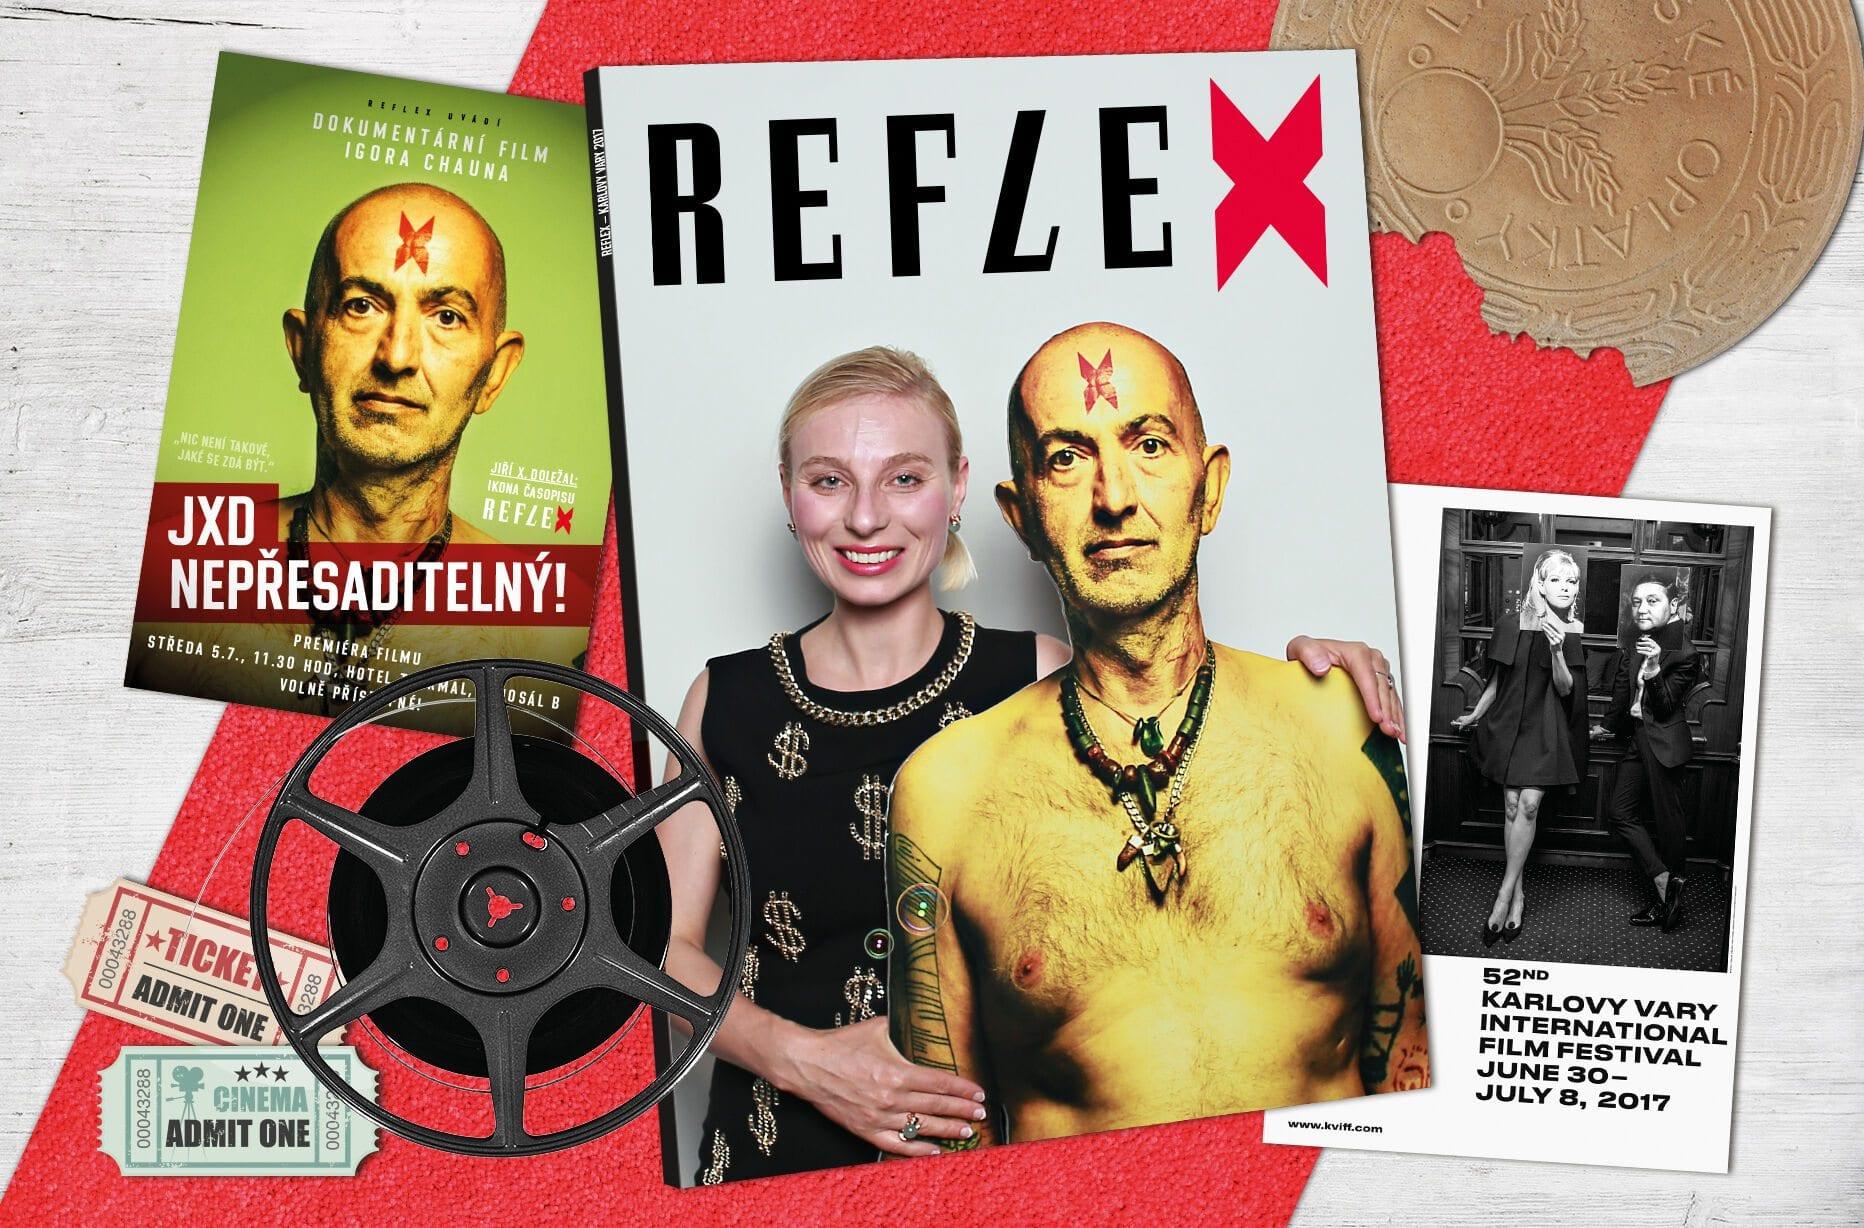 fotokoutek-festival-karlovy-vary-reflex-kviff-7-7-2017-282827